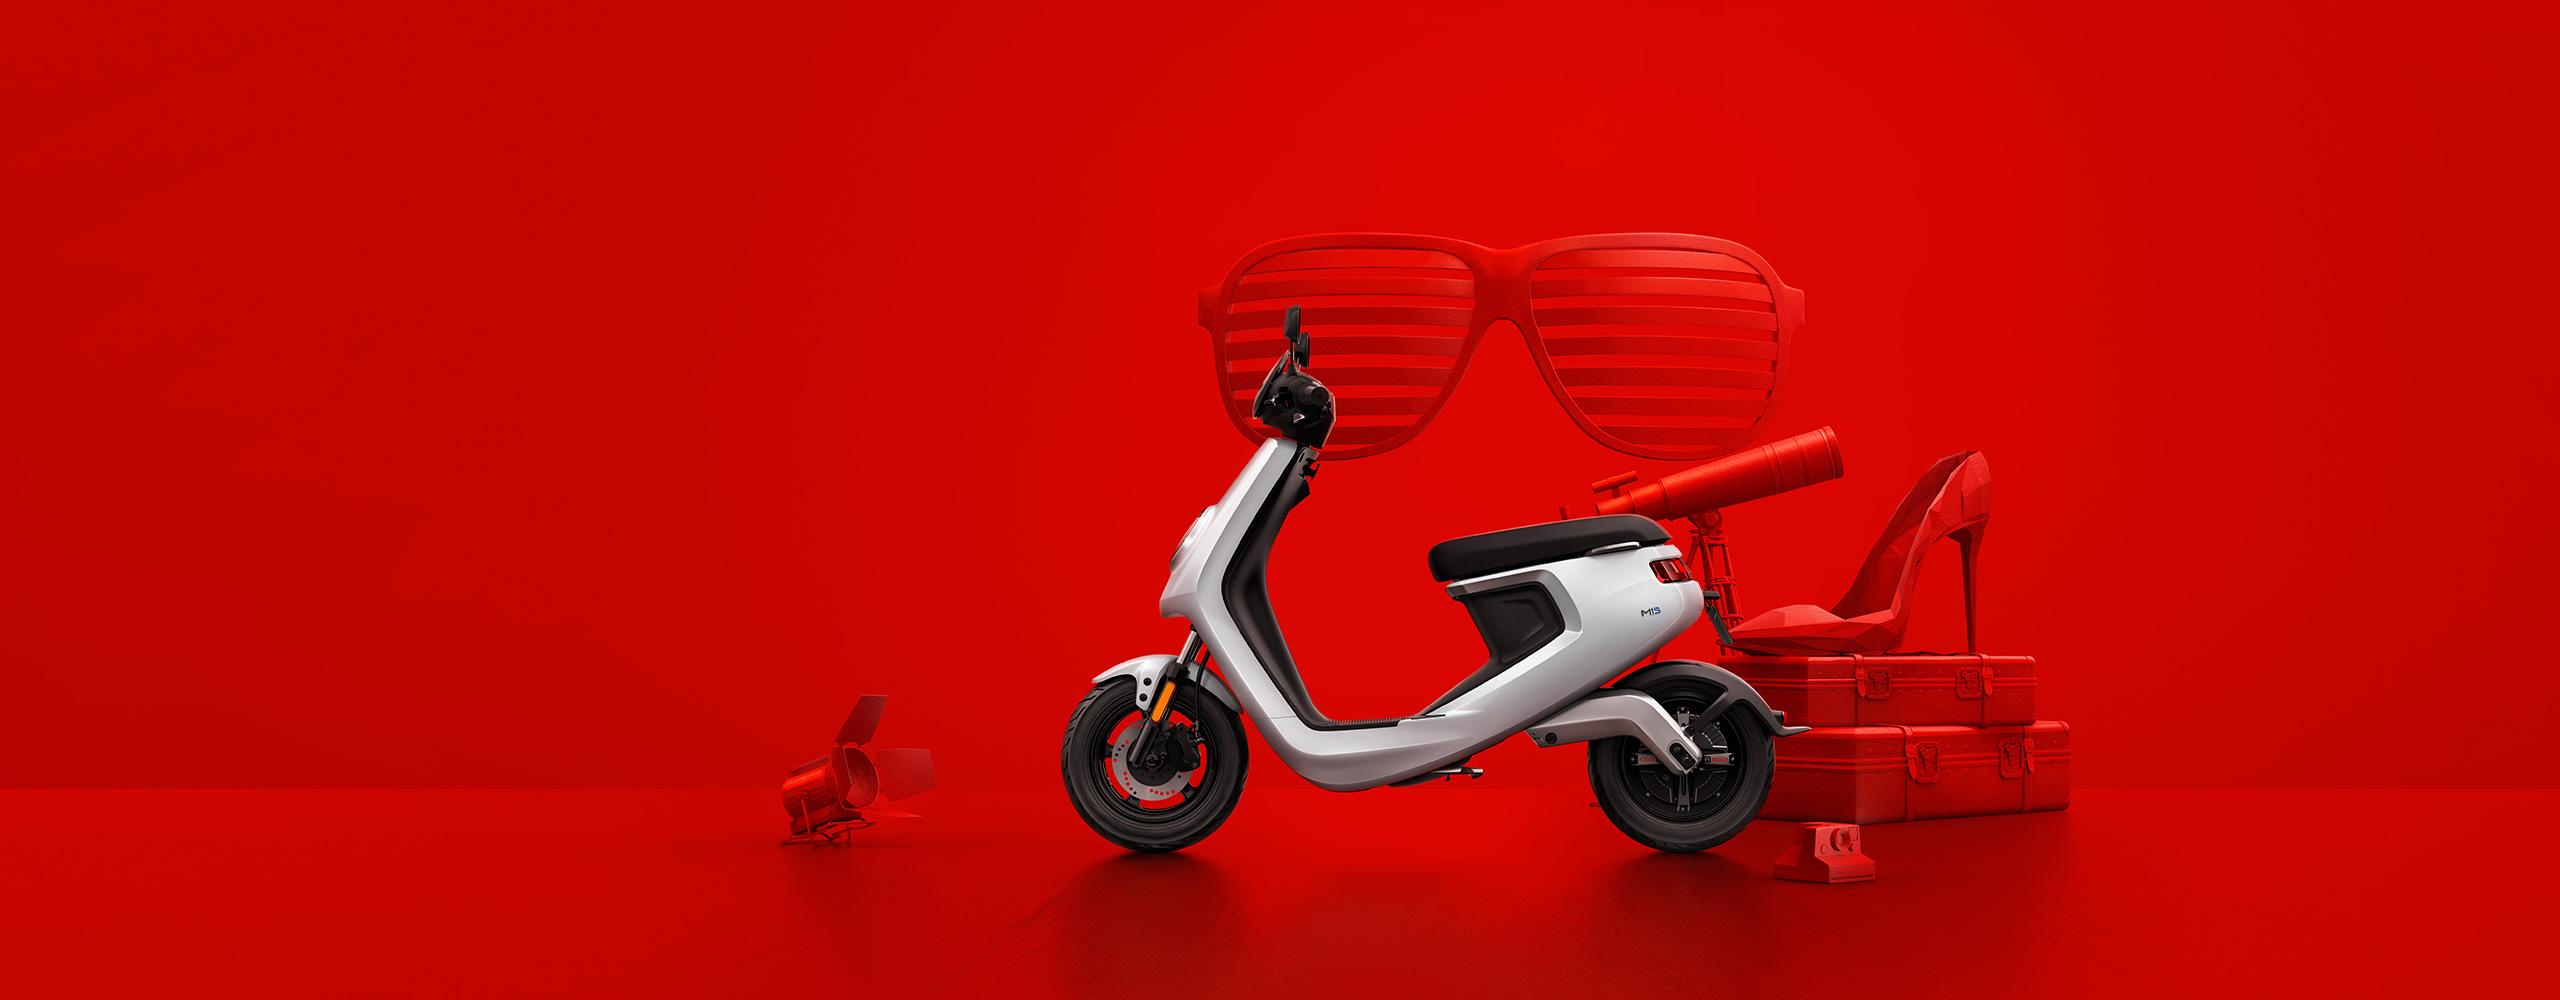 Essai scooter electrique niu - niu-paris